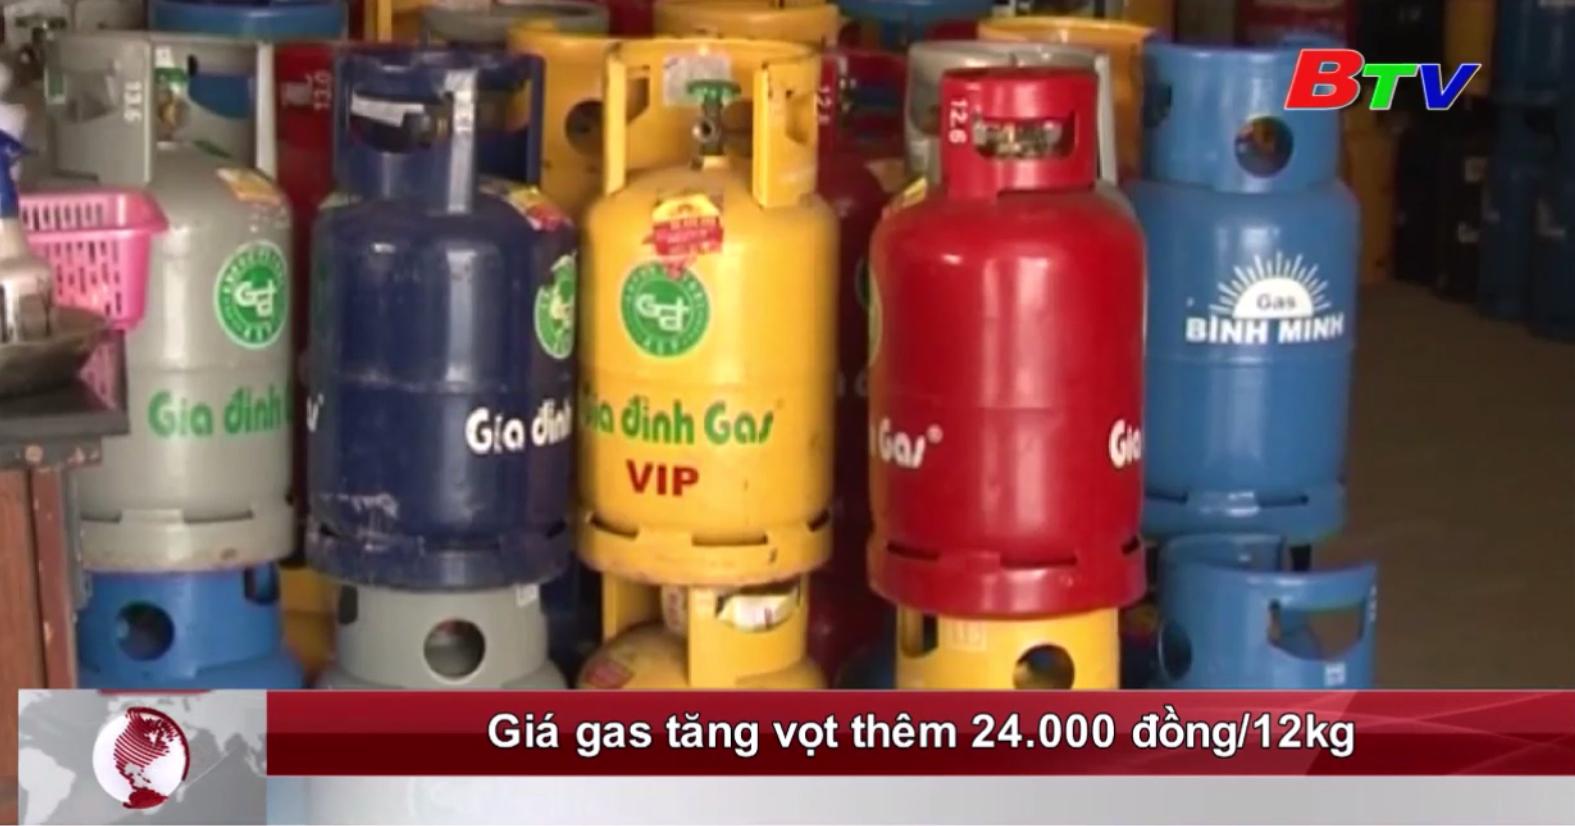 Giá gas tăng vọt thêm 24.000 đồng/12kg